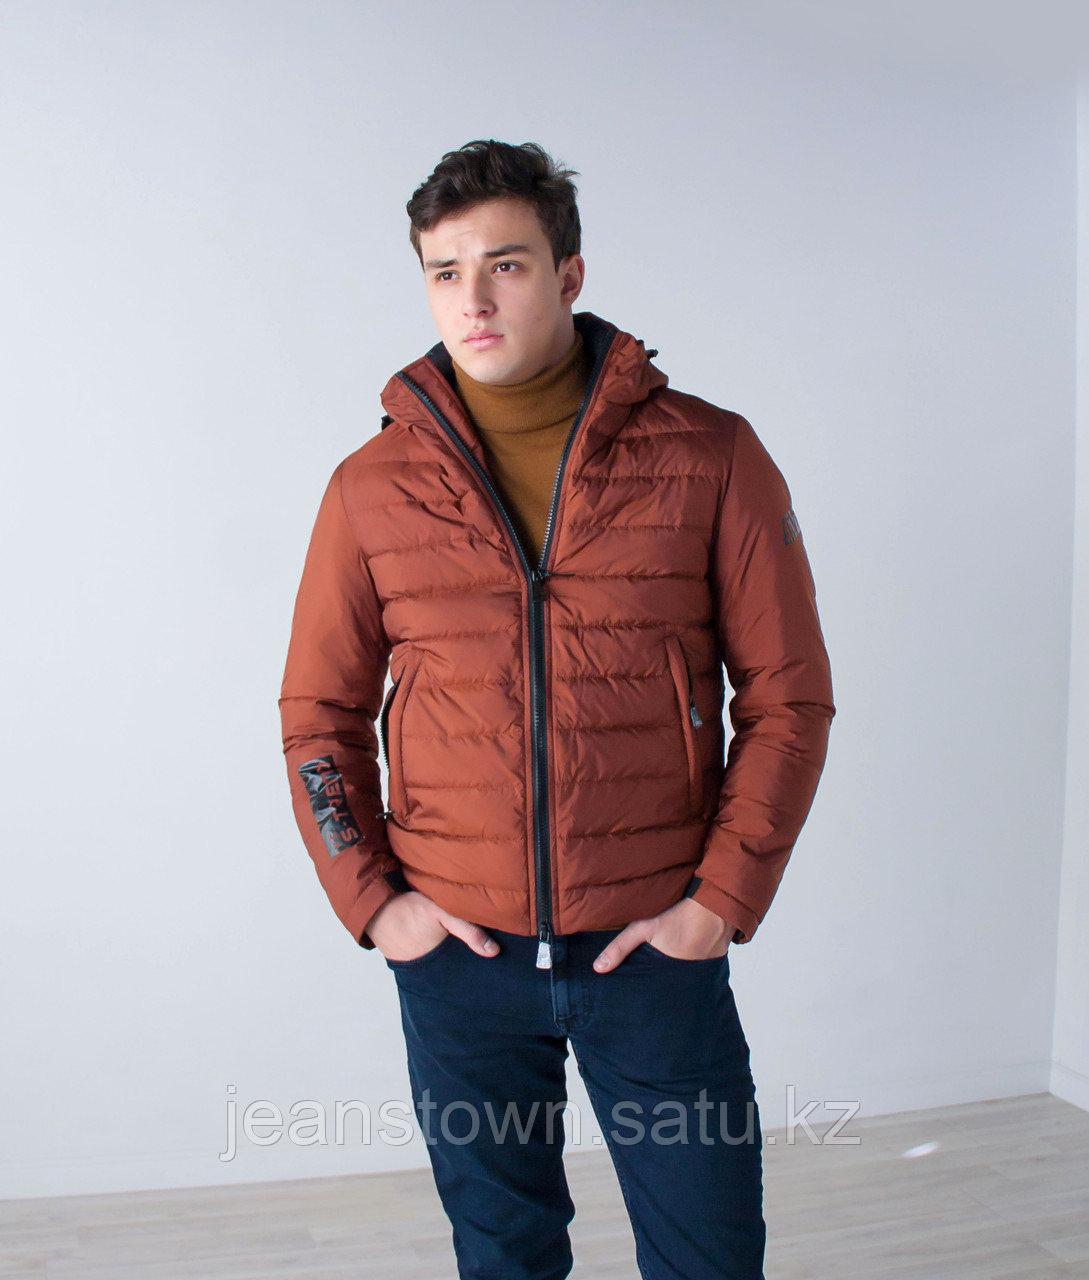 Куртка мужская  демисезонная Vivacana короткая